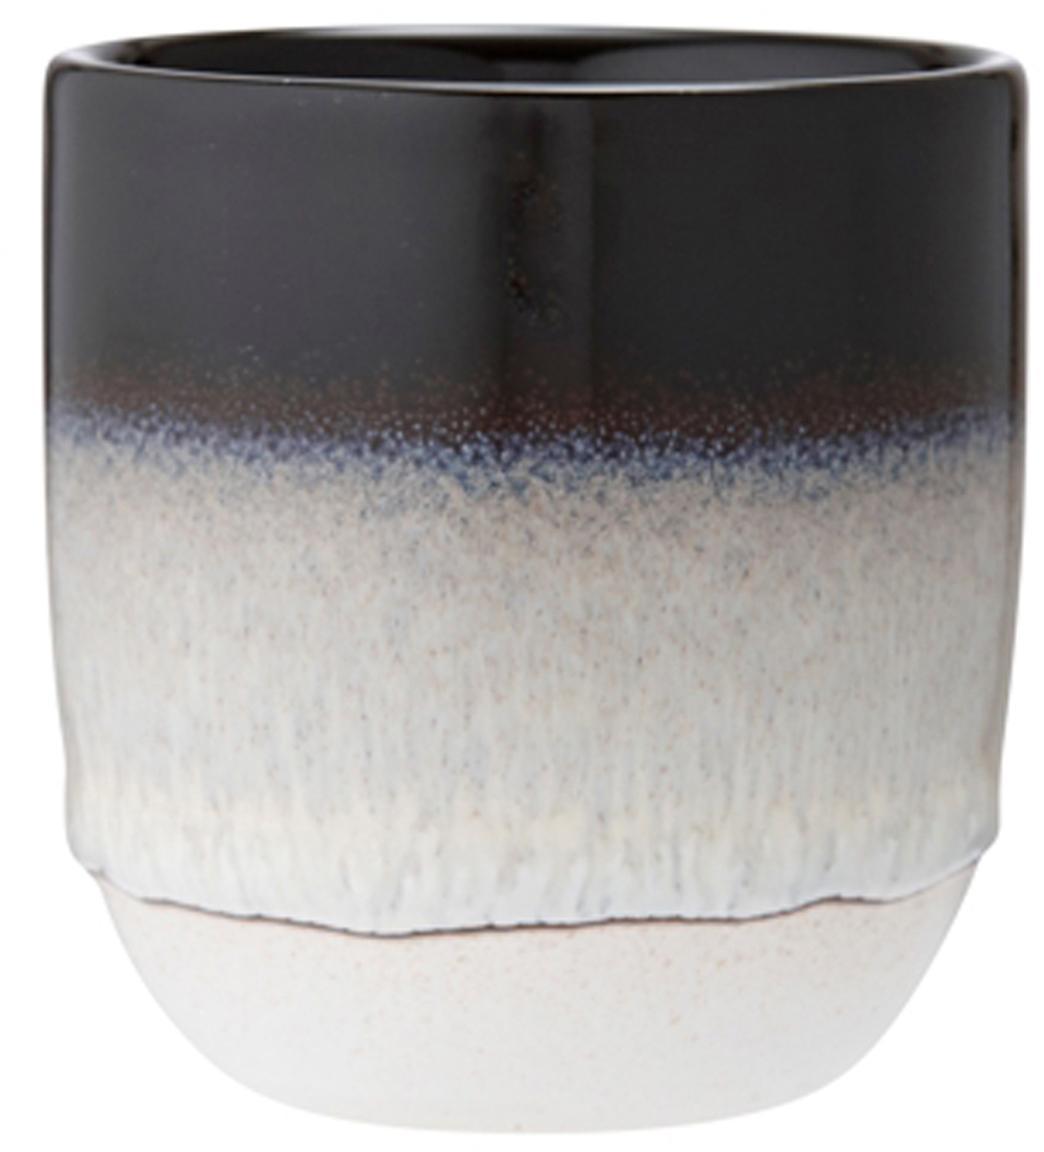 Tazas Café, 4uds., Gres, Negro, Ø 8 x Al 9 cm